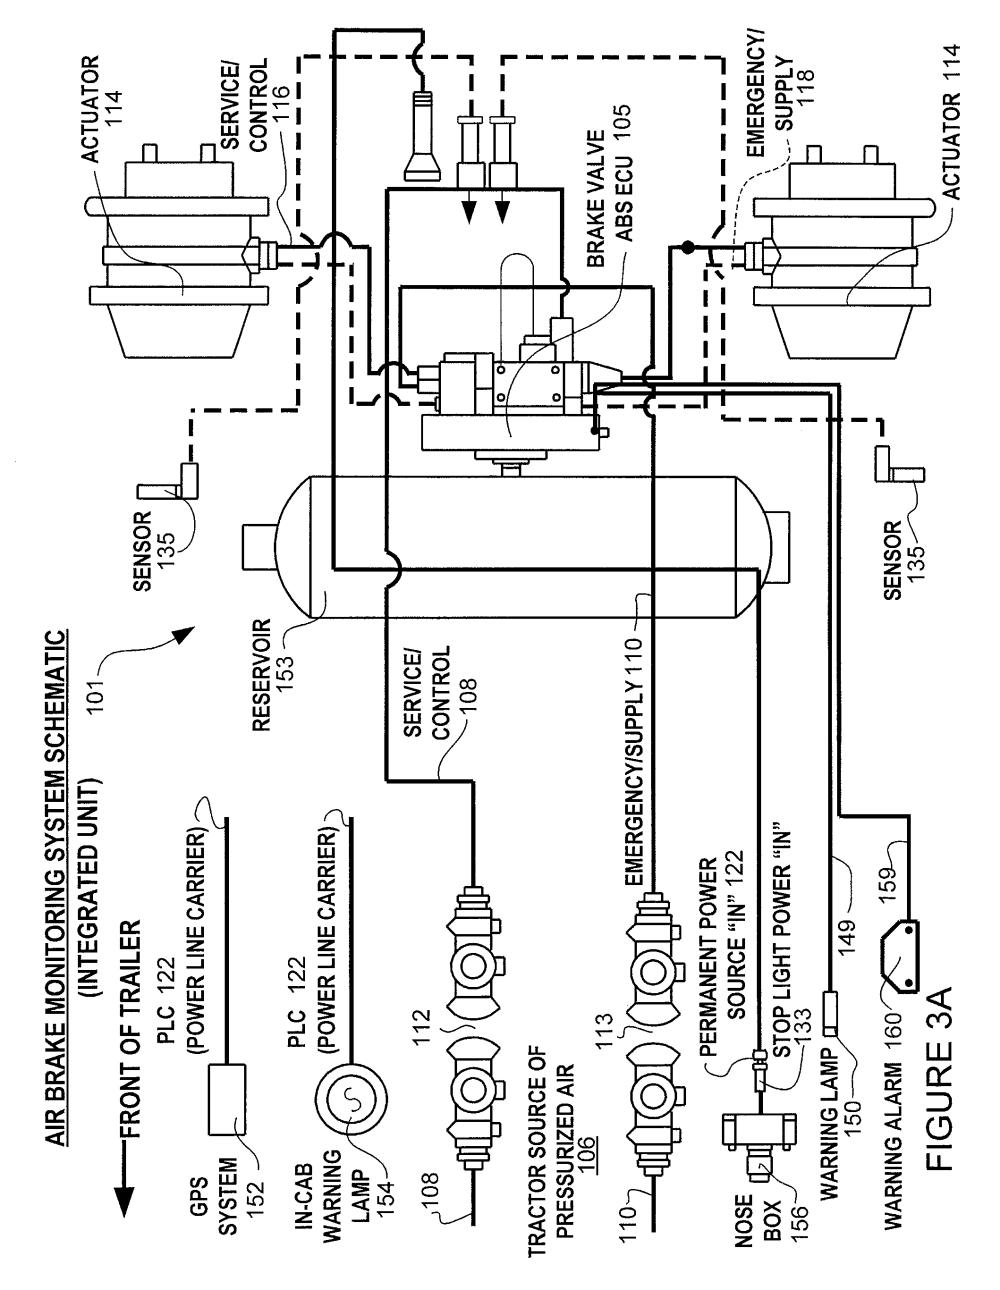 medium resolution of 7 way trailer plug wiring diagram for 2002 suburban wiring diagram 2002 chevy trailer wiring diagram 2002 suburban trailer wiring diagram